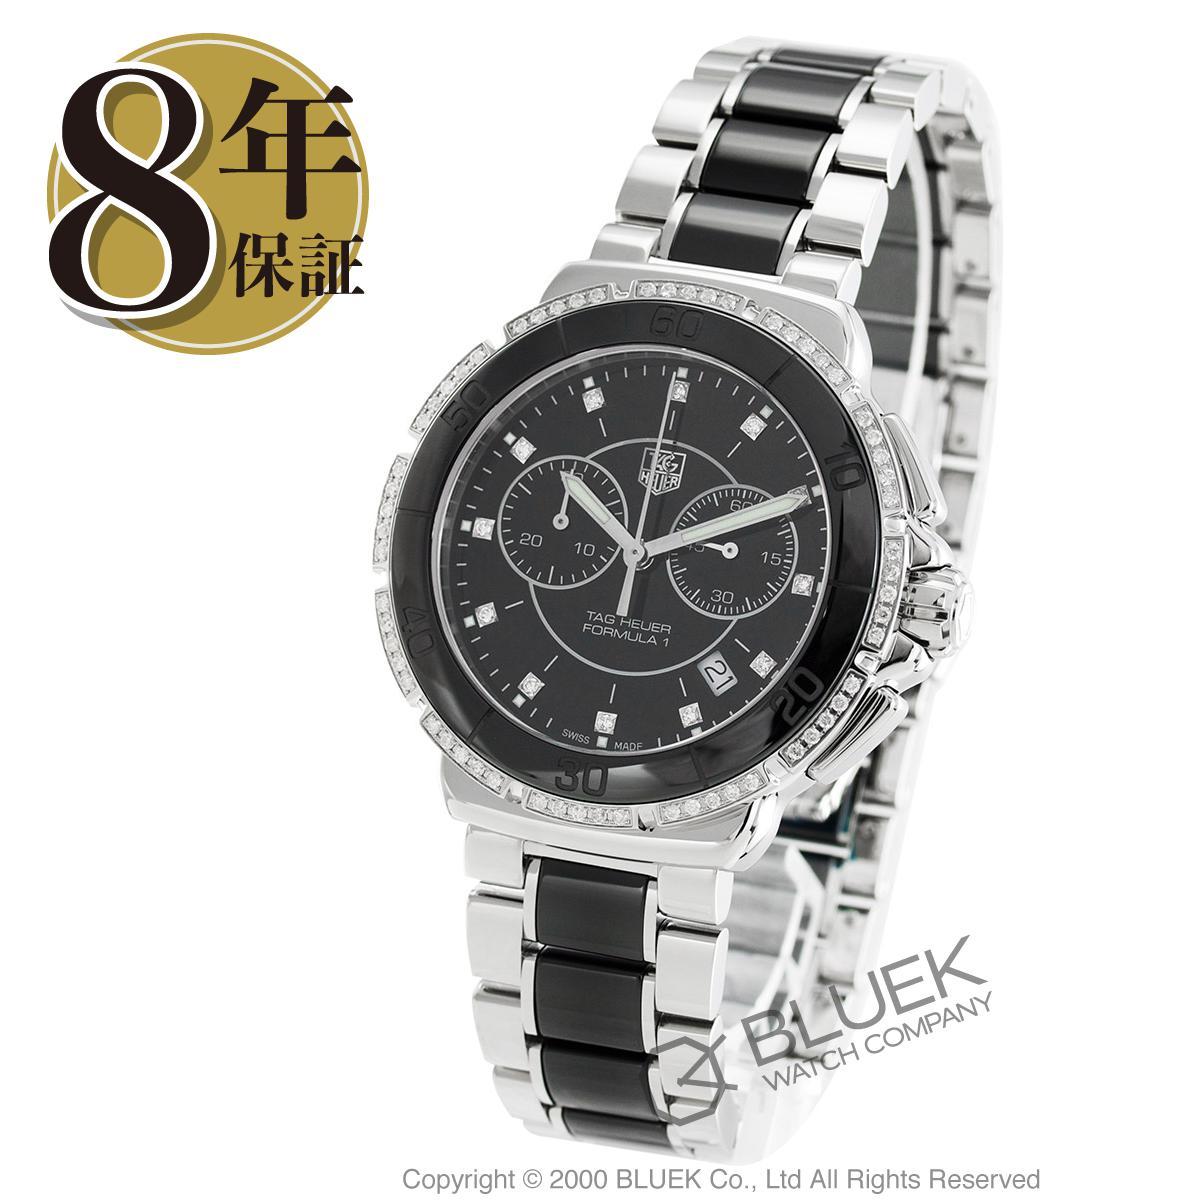 【最大3万円割引クーポン 11/01~】タグホイヤー フォーミュラ1 クロノグラフ ダイヤ 腕時計 メンズ TAG Heuer CAH1212.BA0862_8